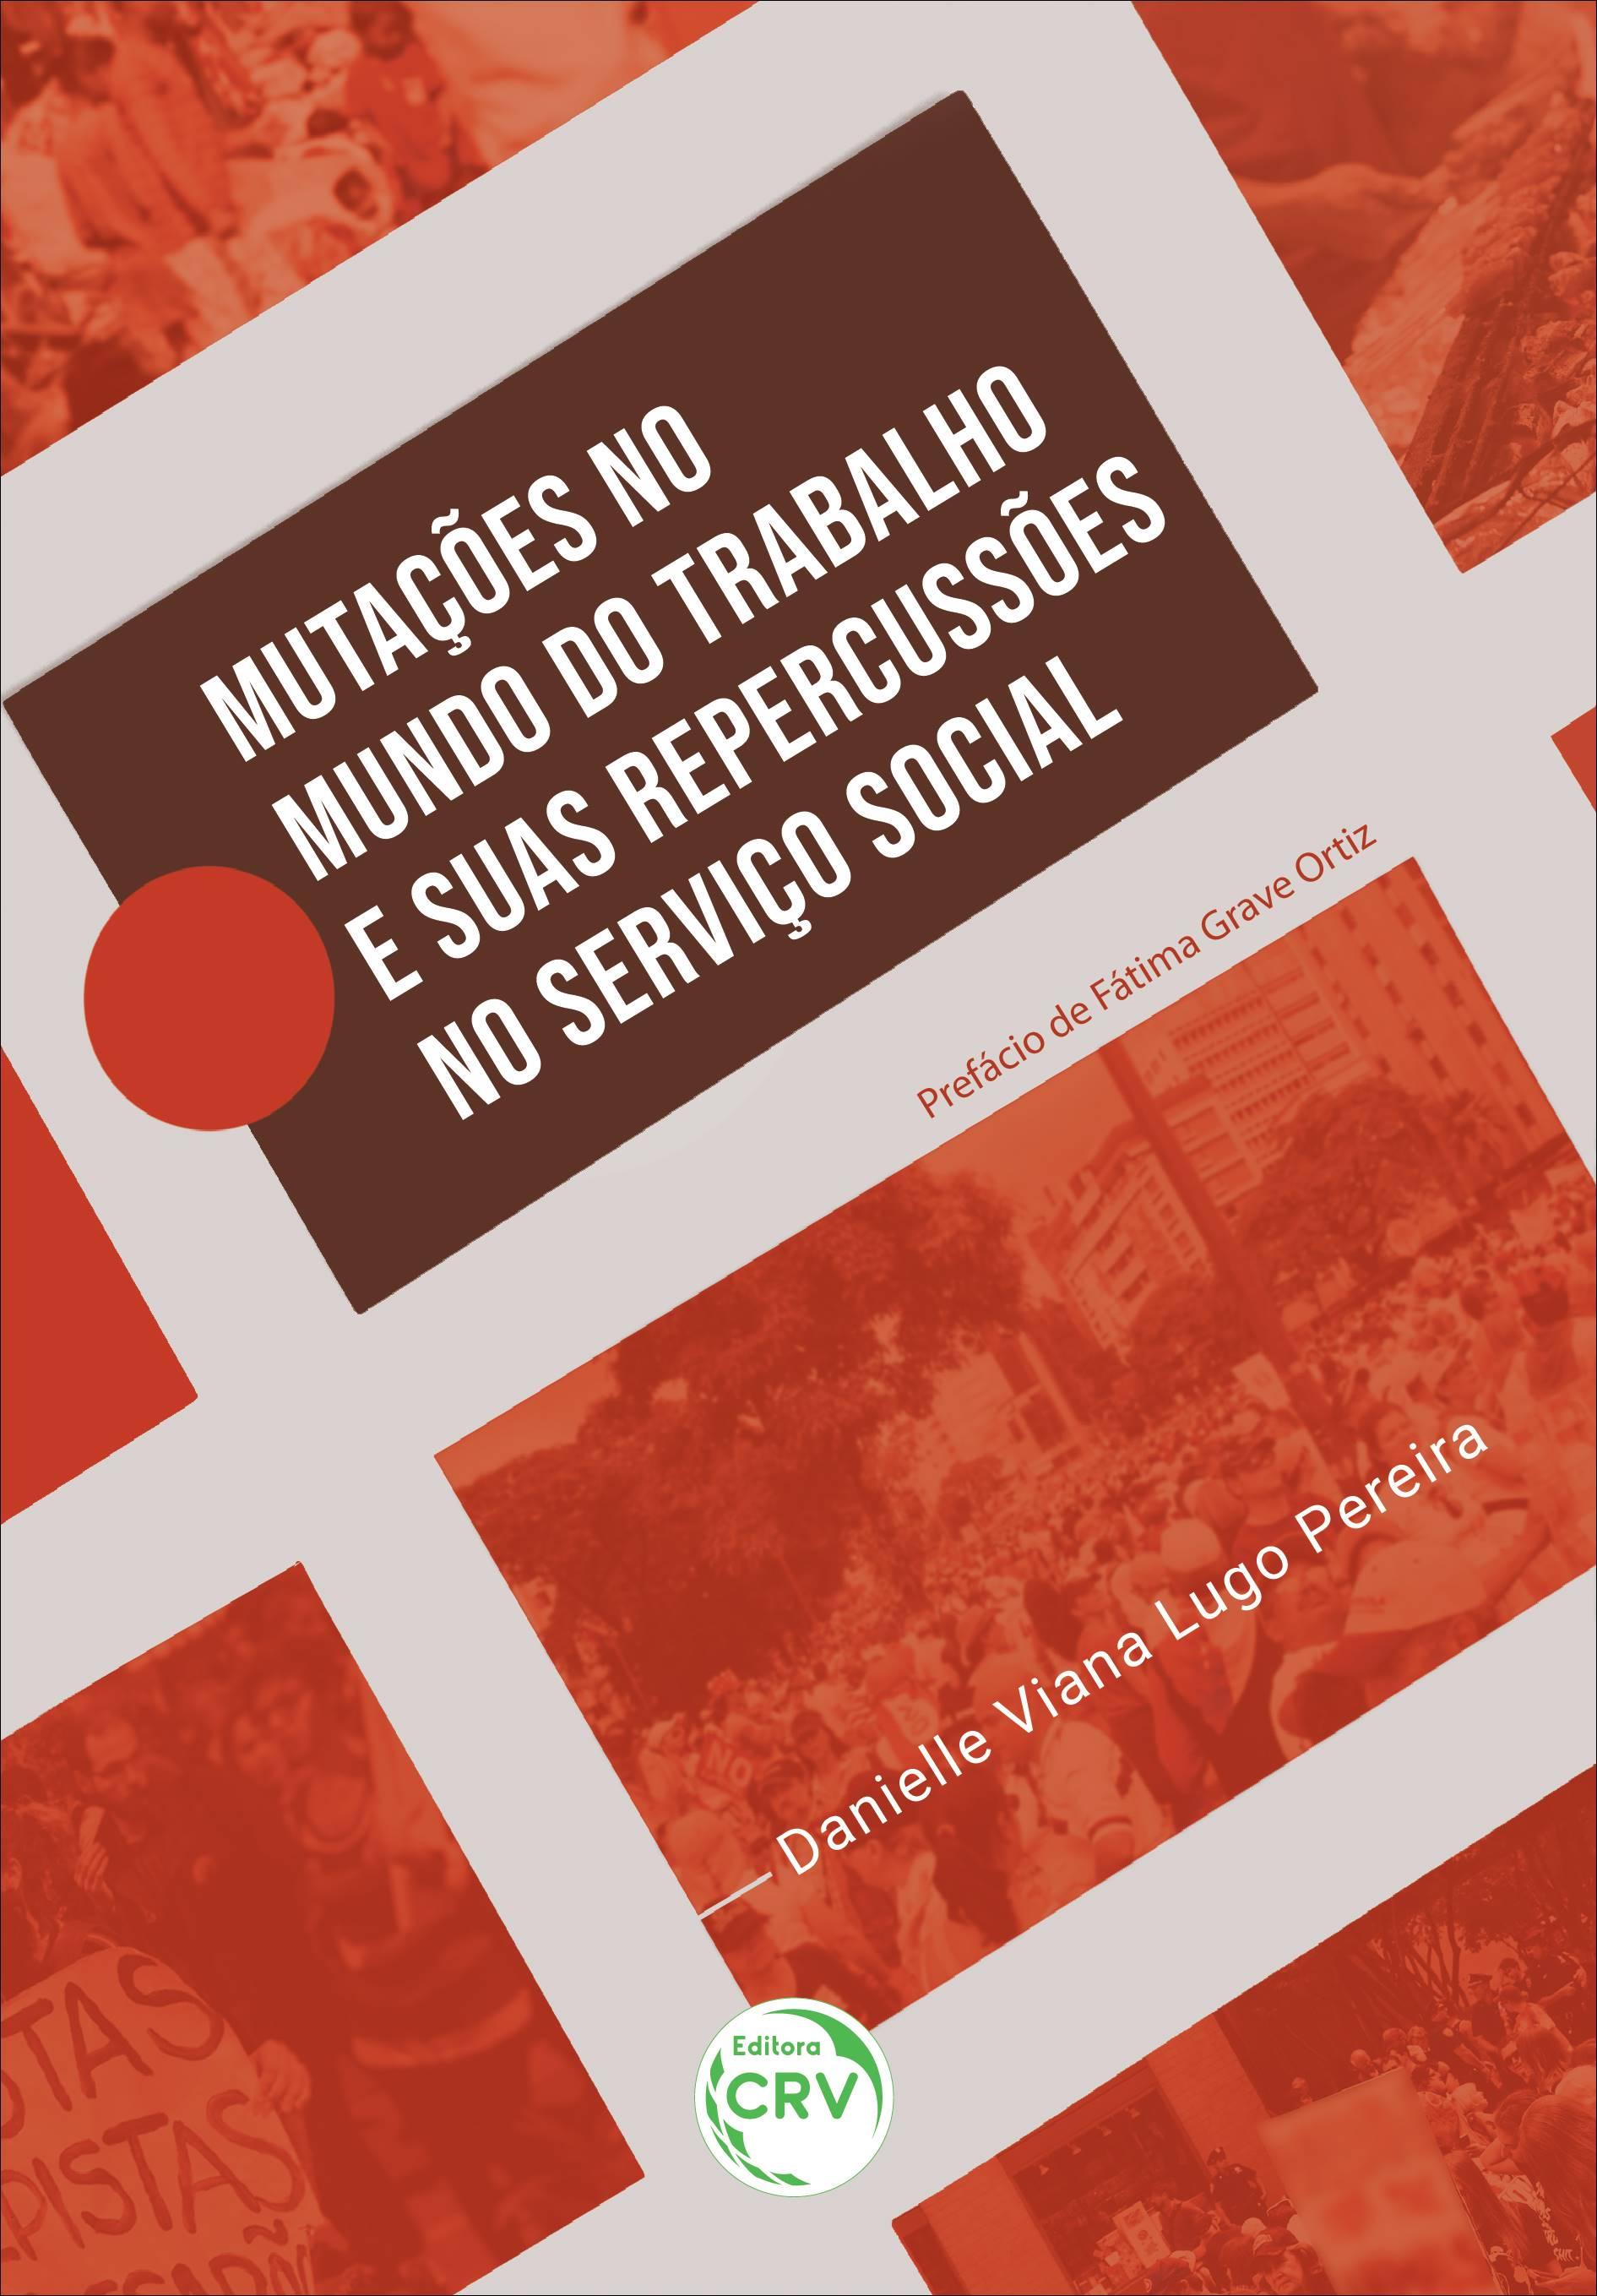 Capa do livro: MUTAÇÕES NO MUNDO DO TRABALHO E SUAS REPERCUSSÕES NO SERVIÇO SOCIAL